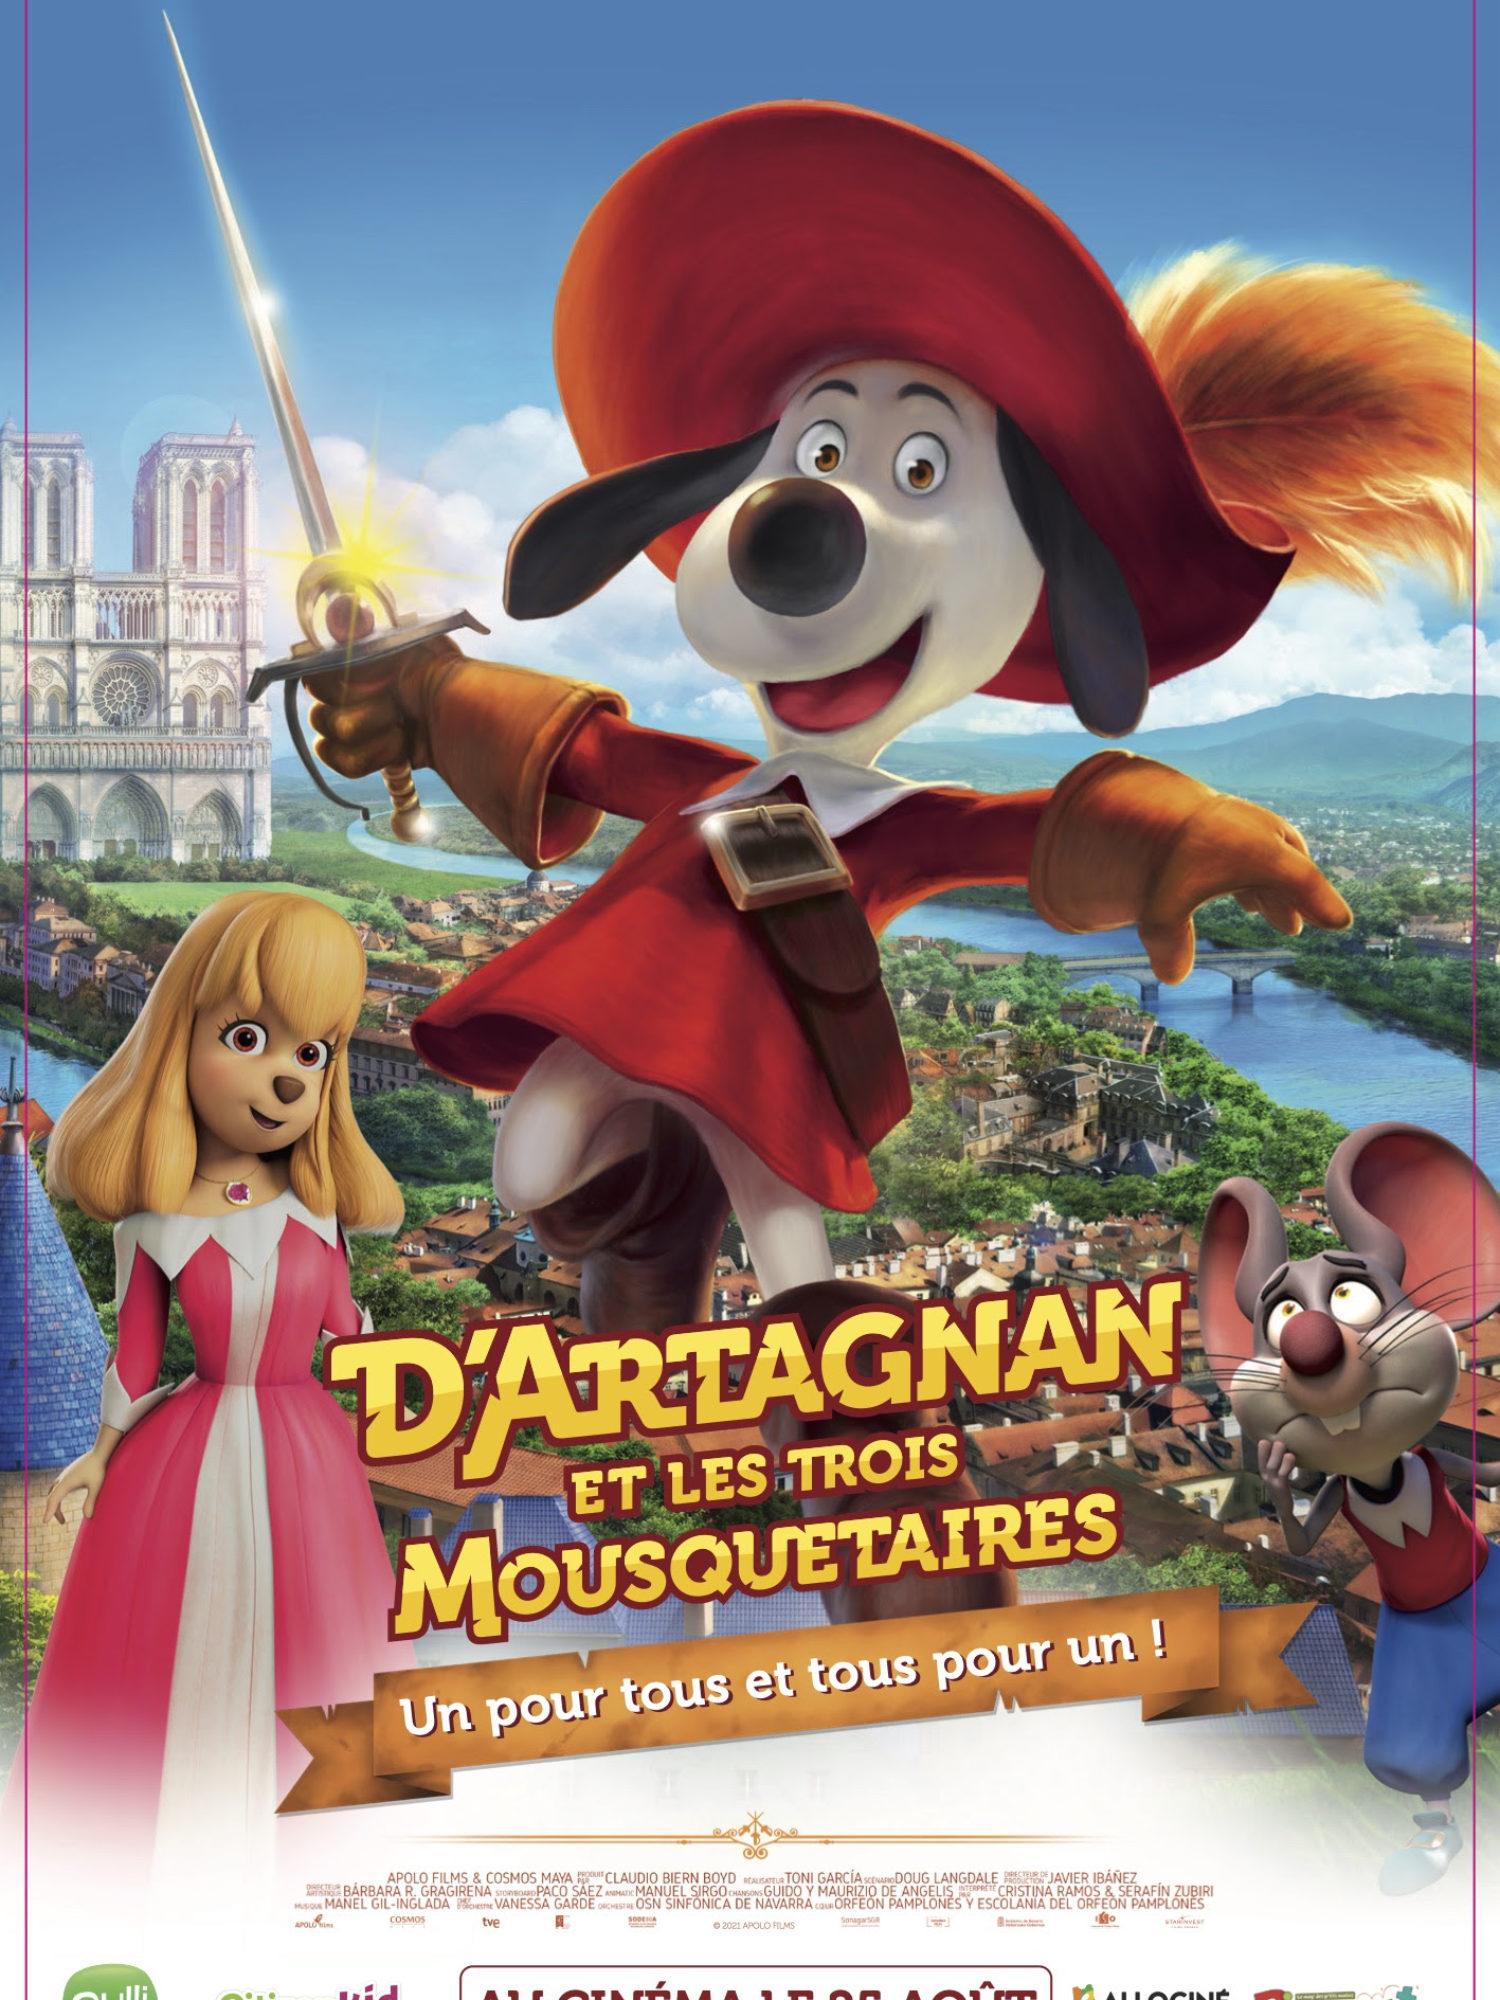 Kids Corner: D'Artagnan et Les Trois Mousquetaires